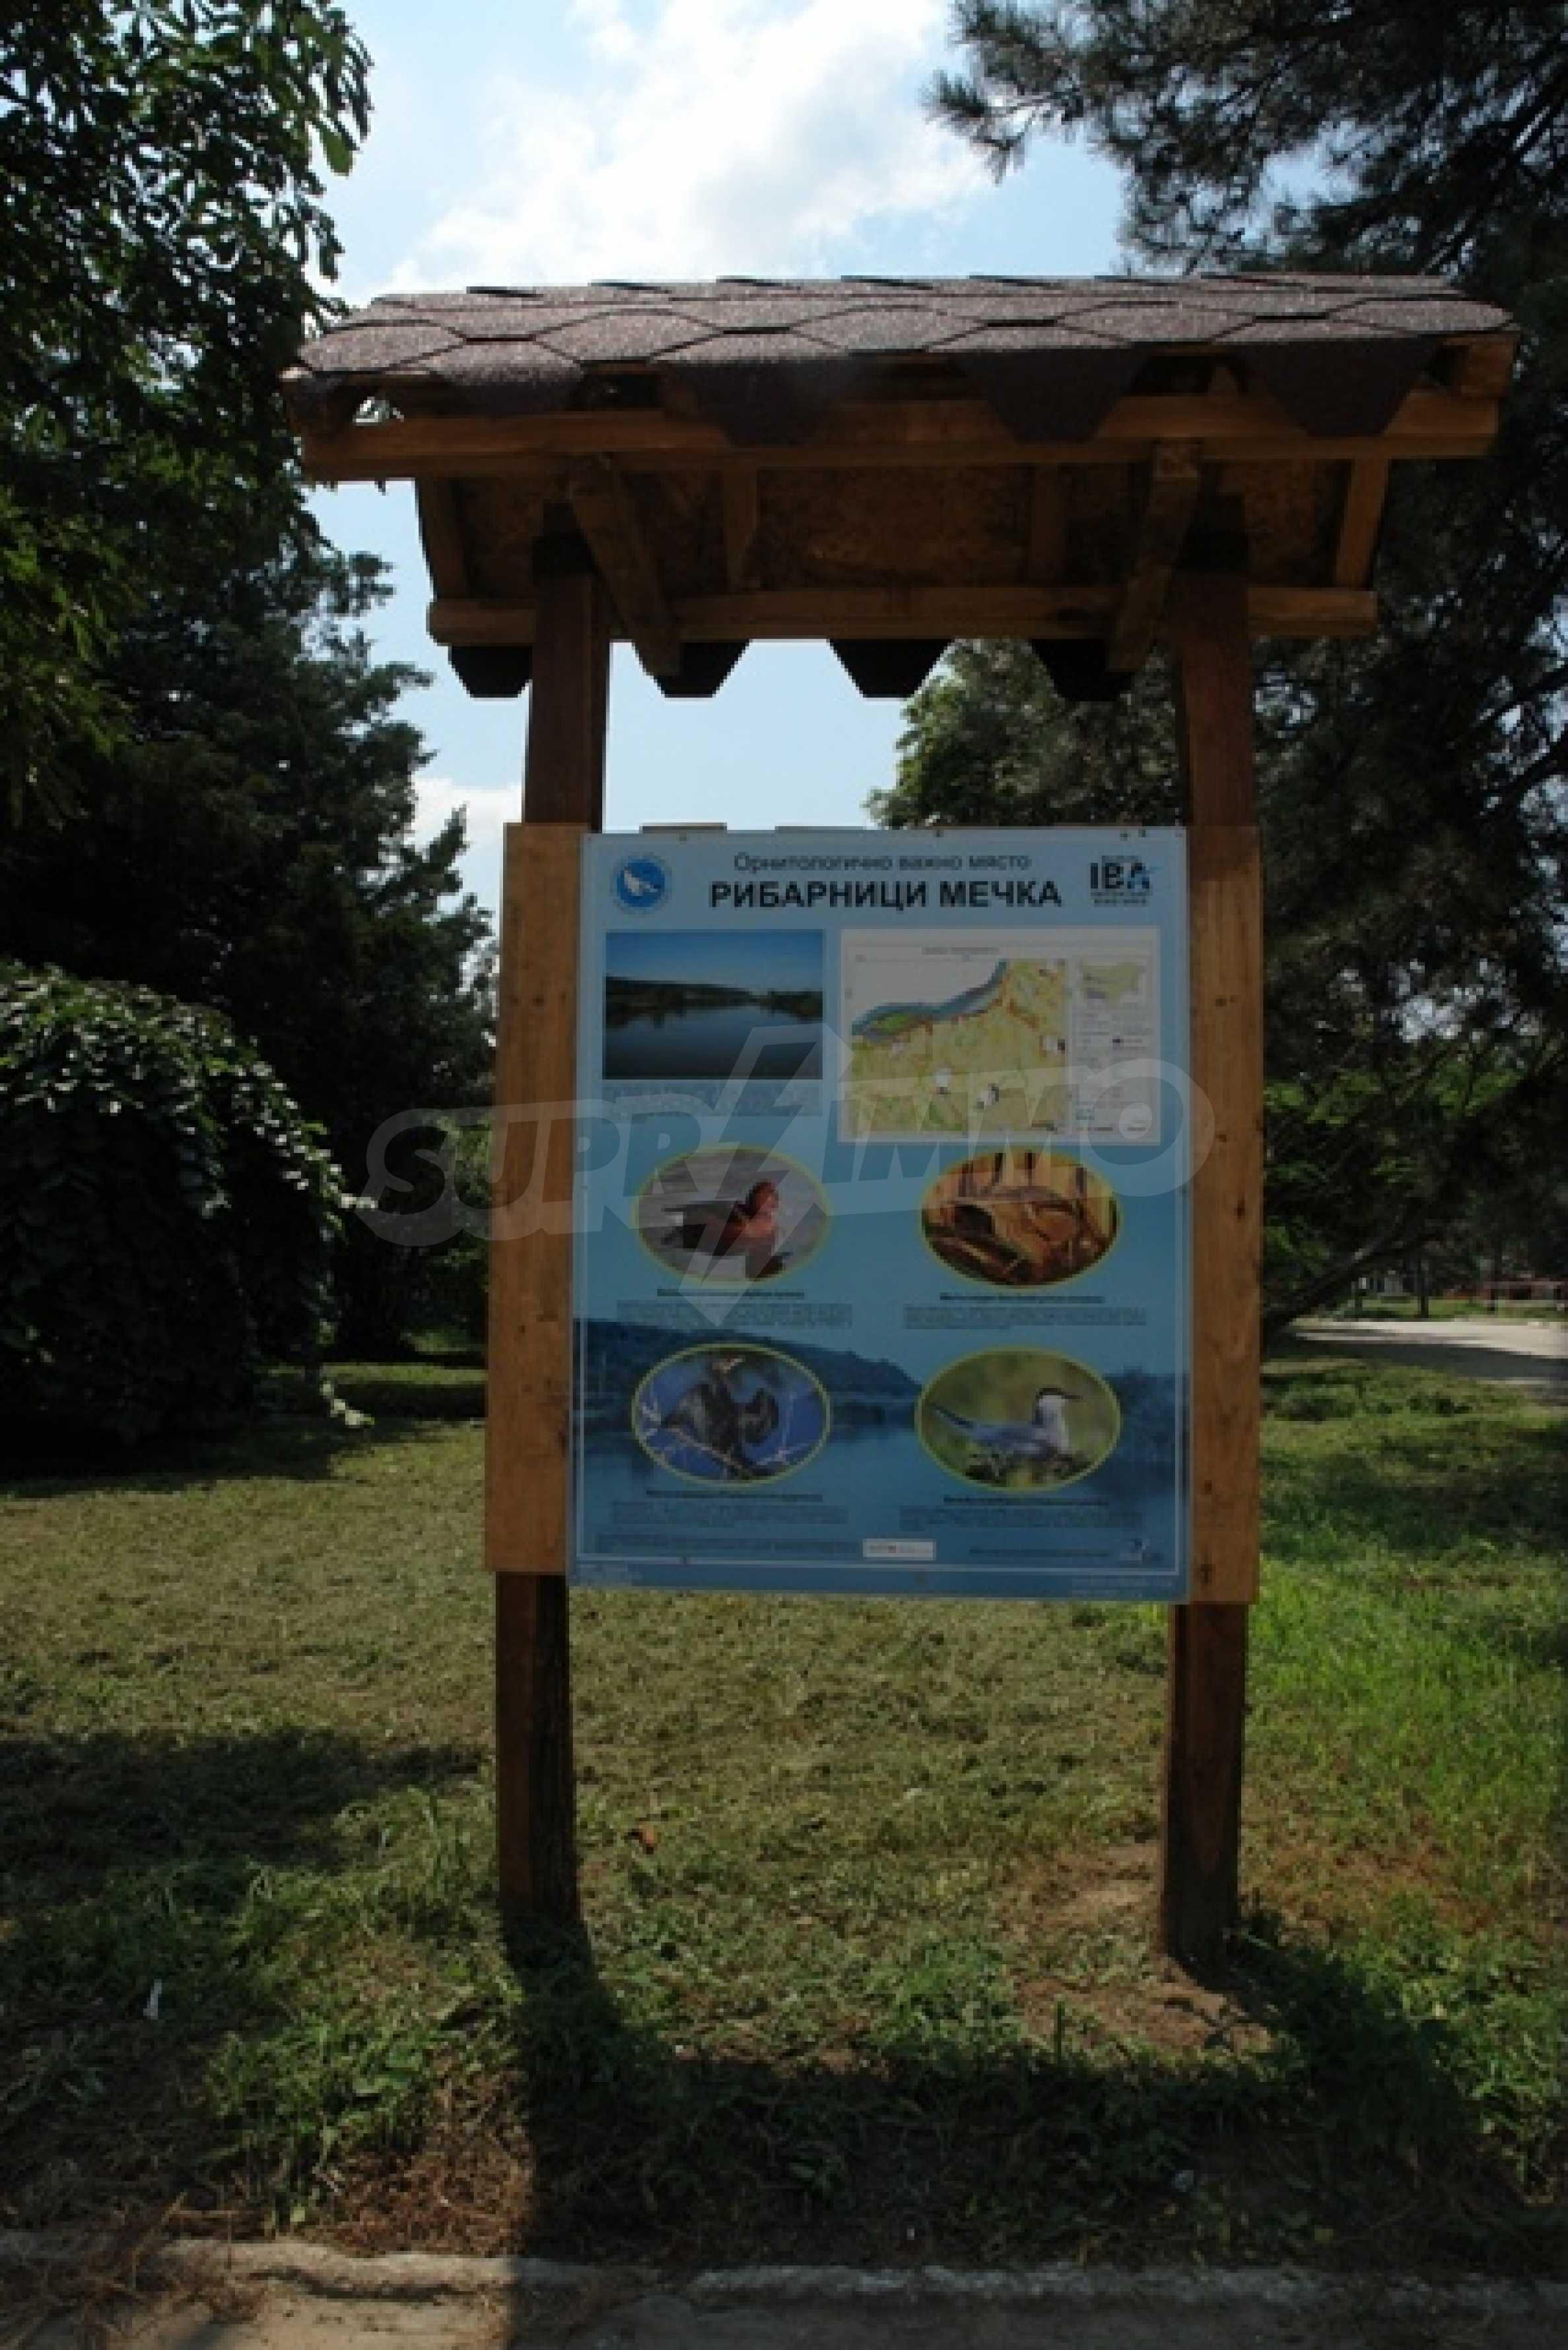 Geregeltes Grundstück von 500 qm im Dorf Mechka 5